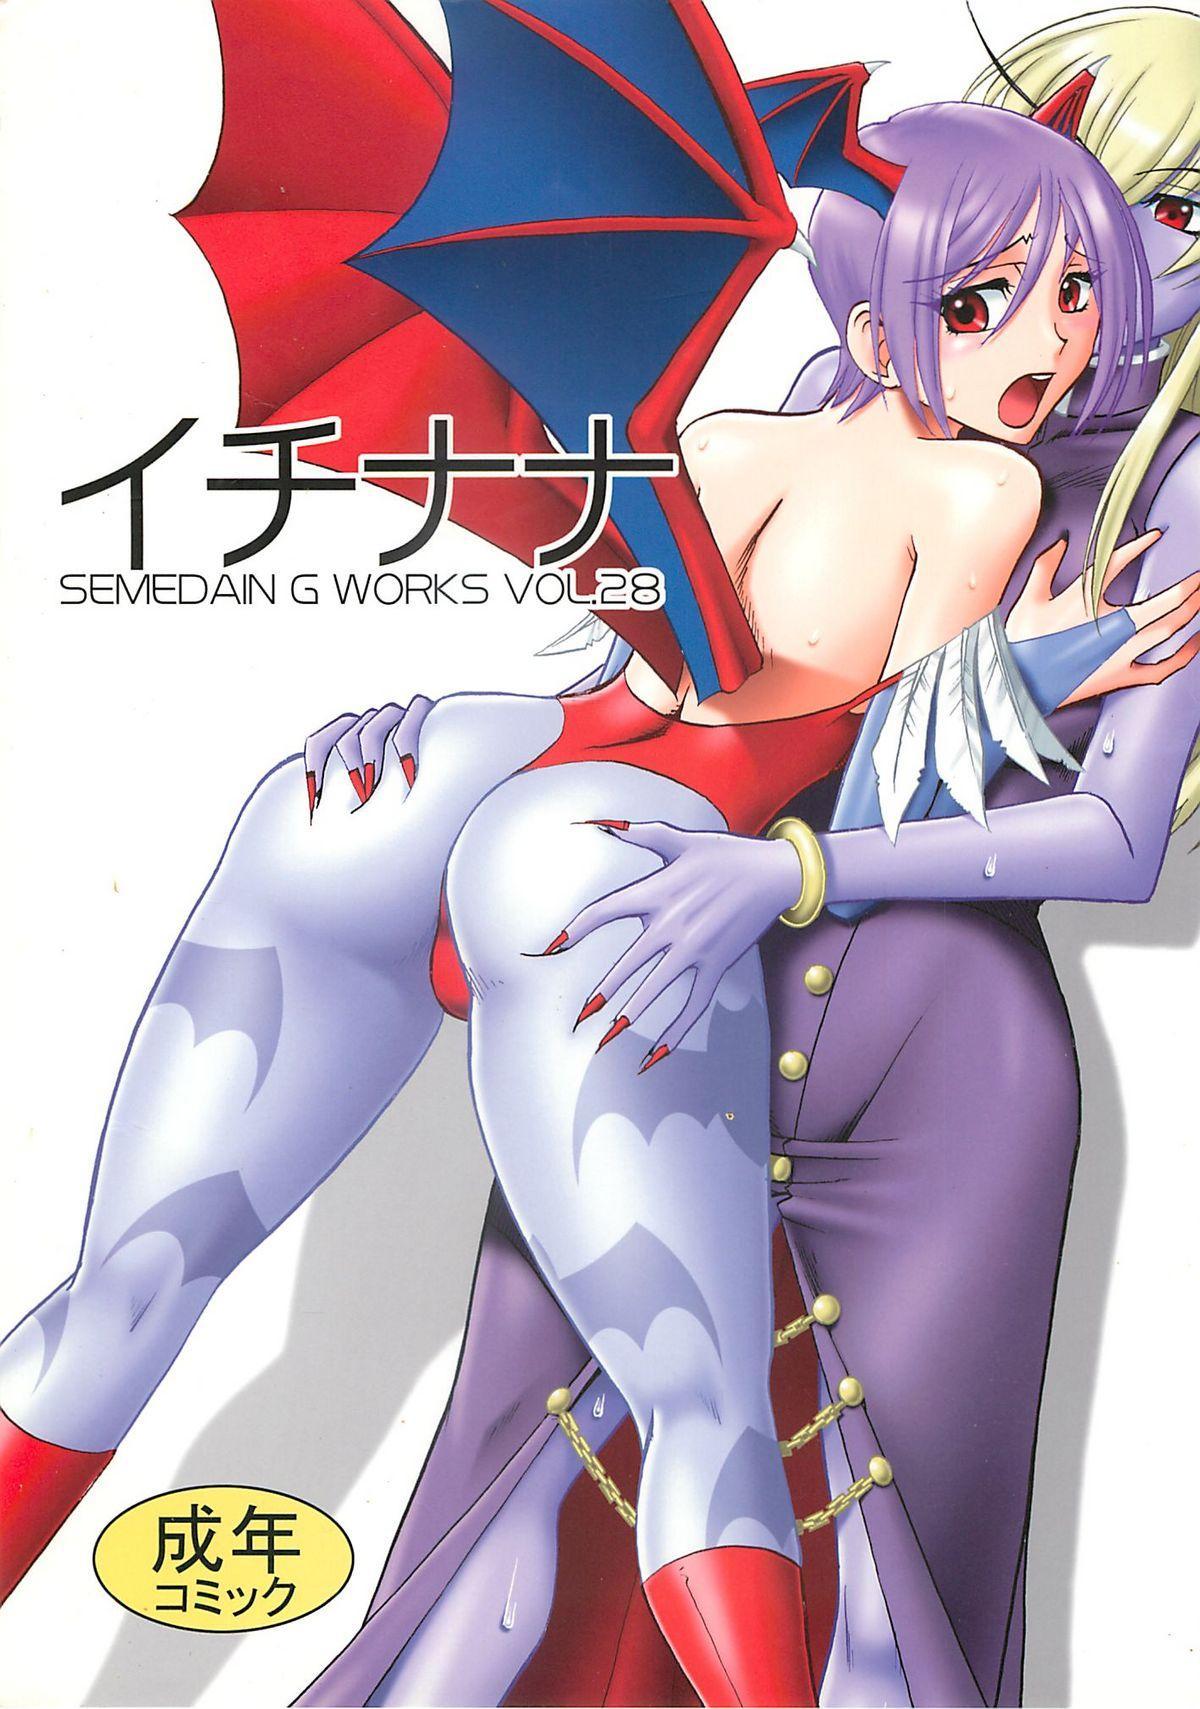 Semedain G Works Vol. 28 - Ichinana 0